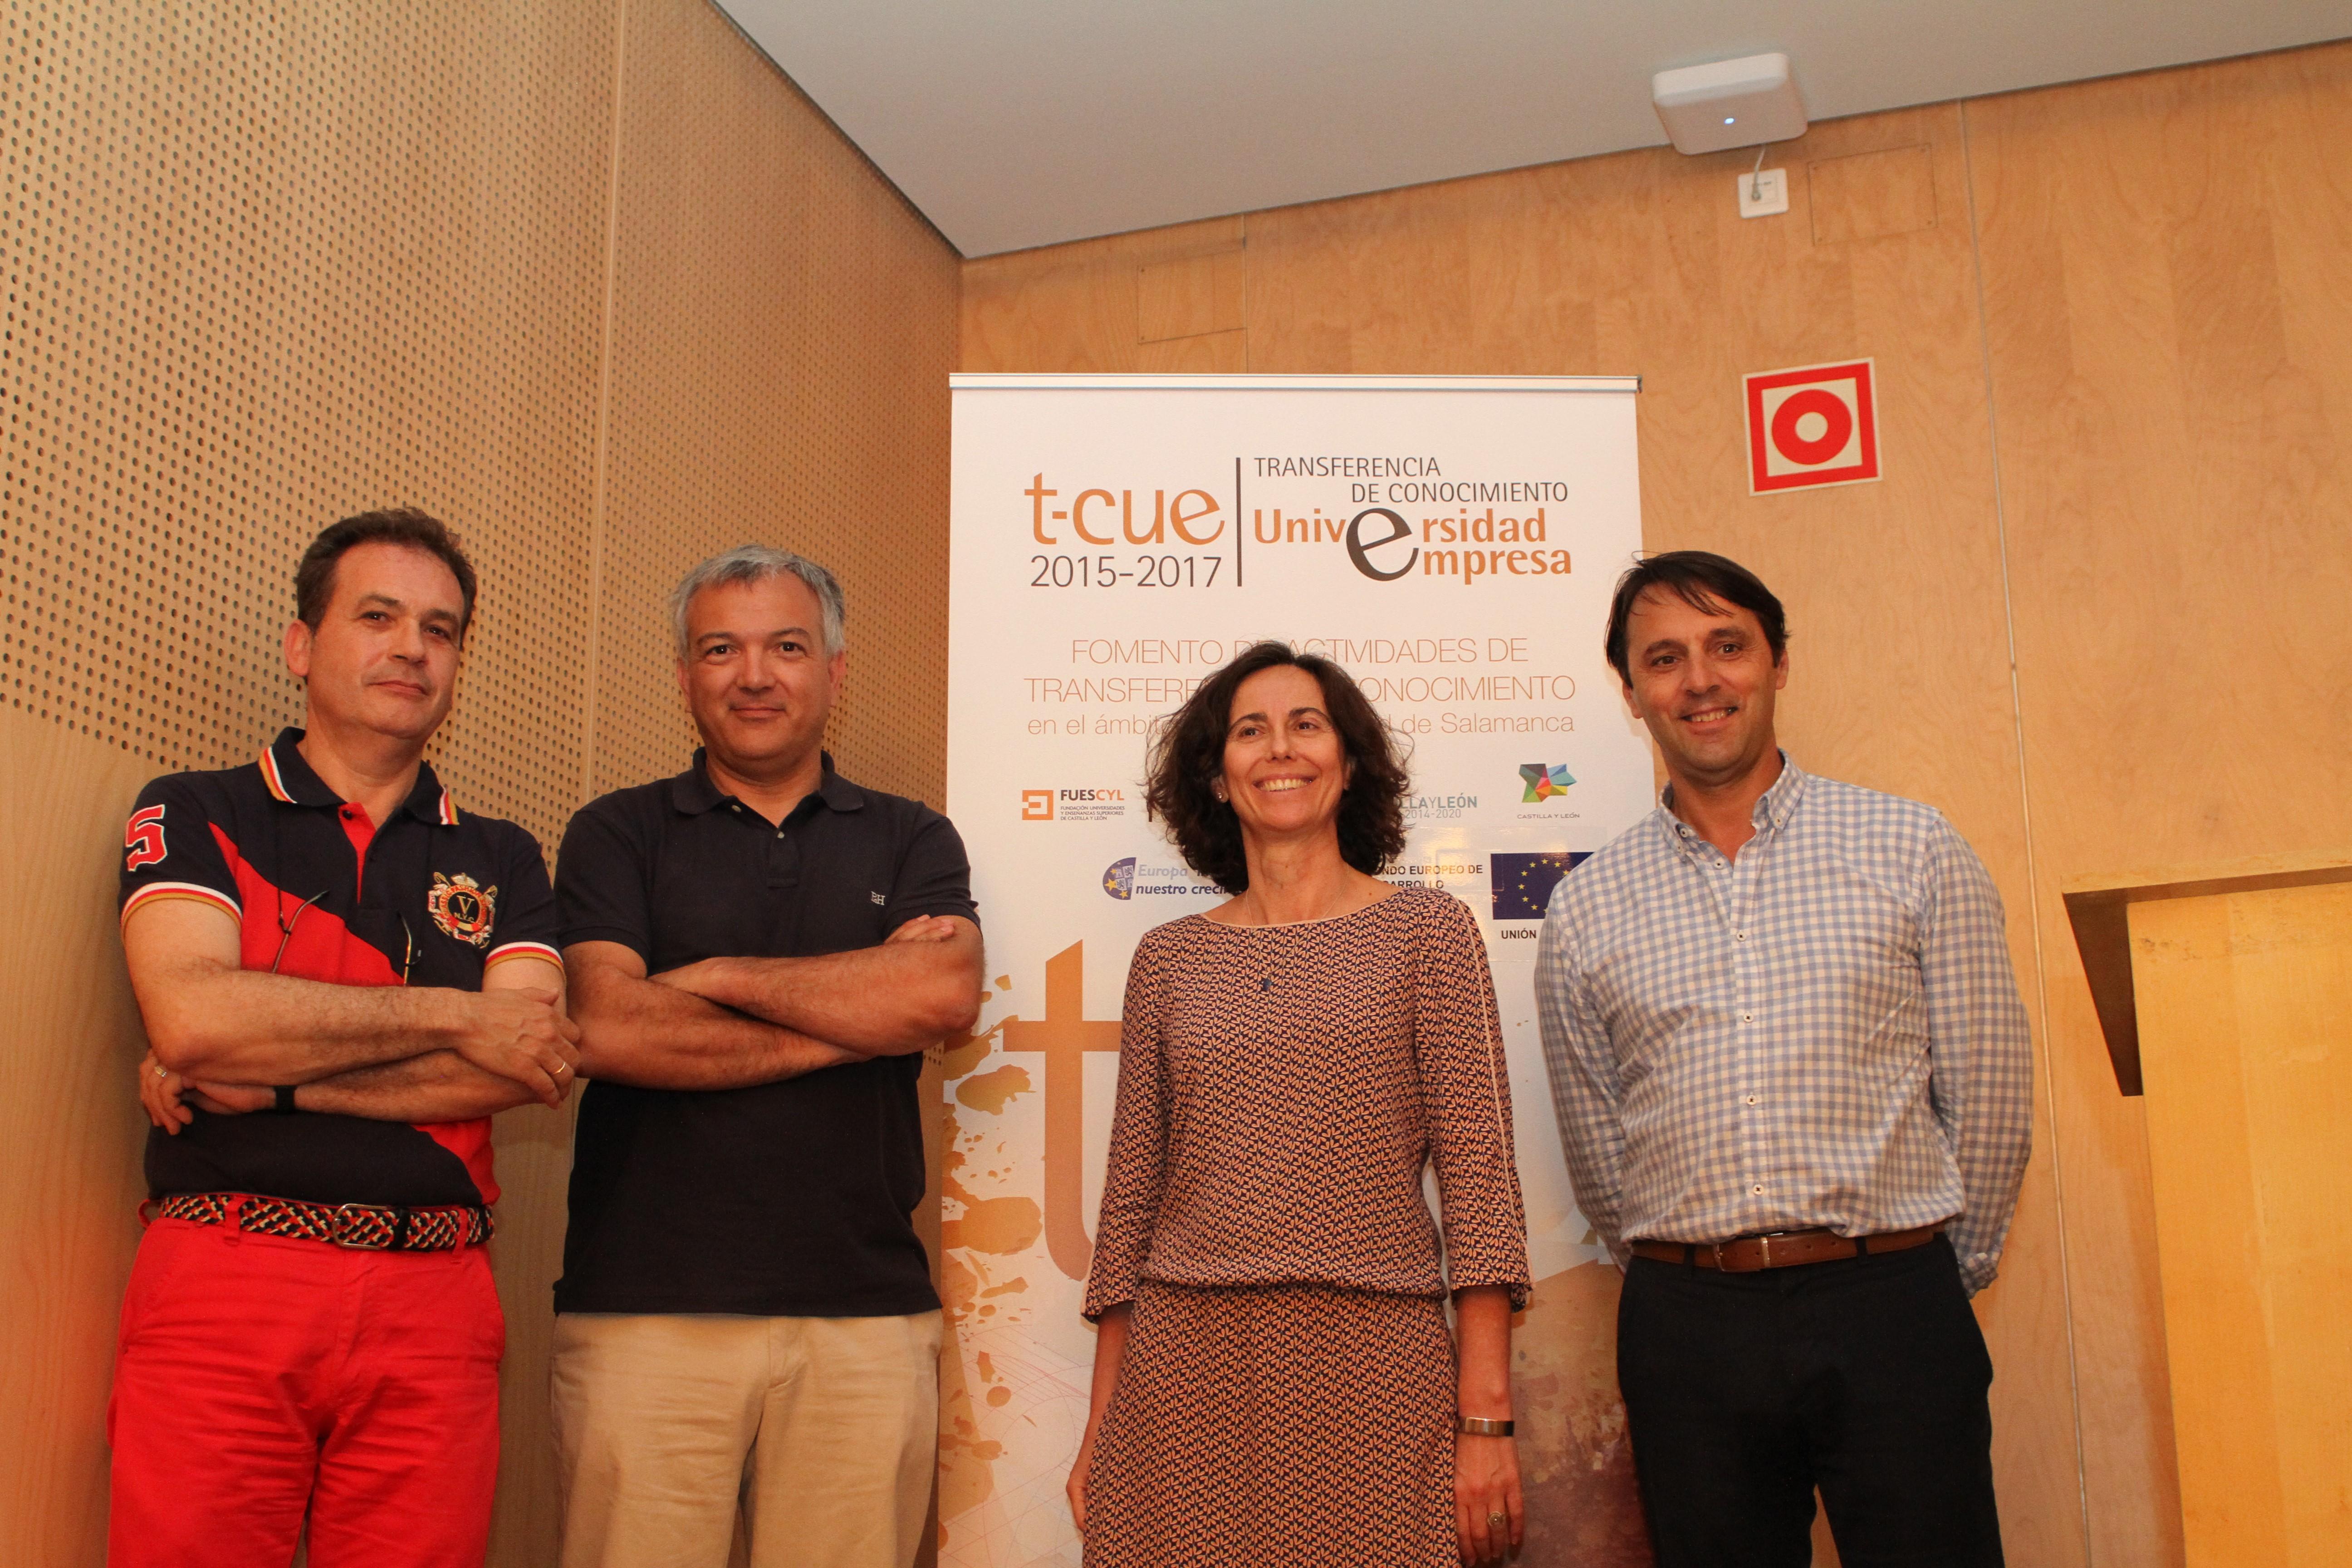 La Fundación General y las Oficinas de Transferencia de Resultados de Investigación de las universidades de Salamanca y Pontificia organizan una charla sobre propiedad industrial dirigida a investigadores